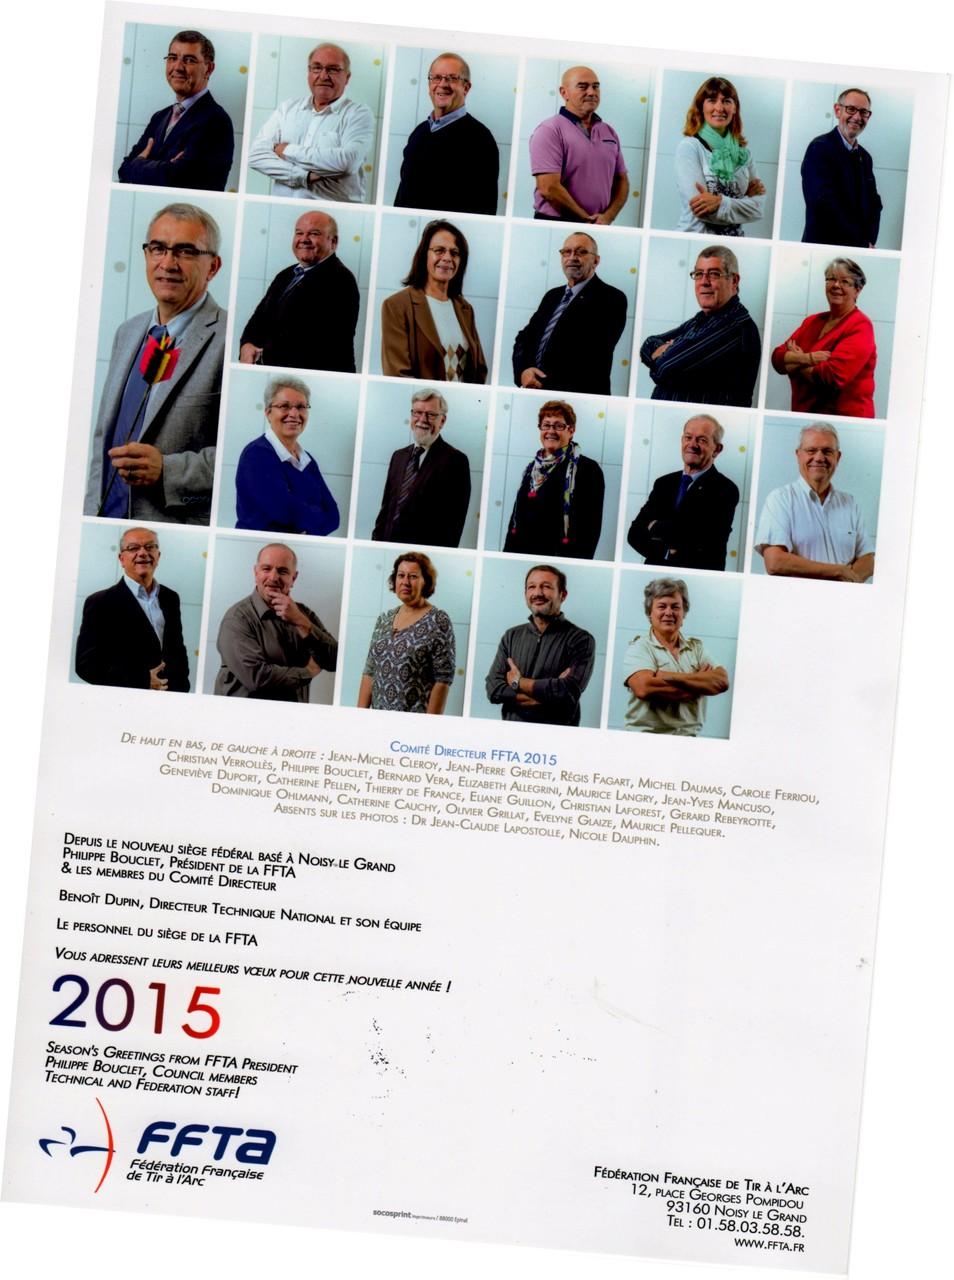 Le Comité Directeur de la FFTA